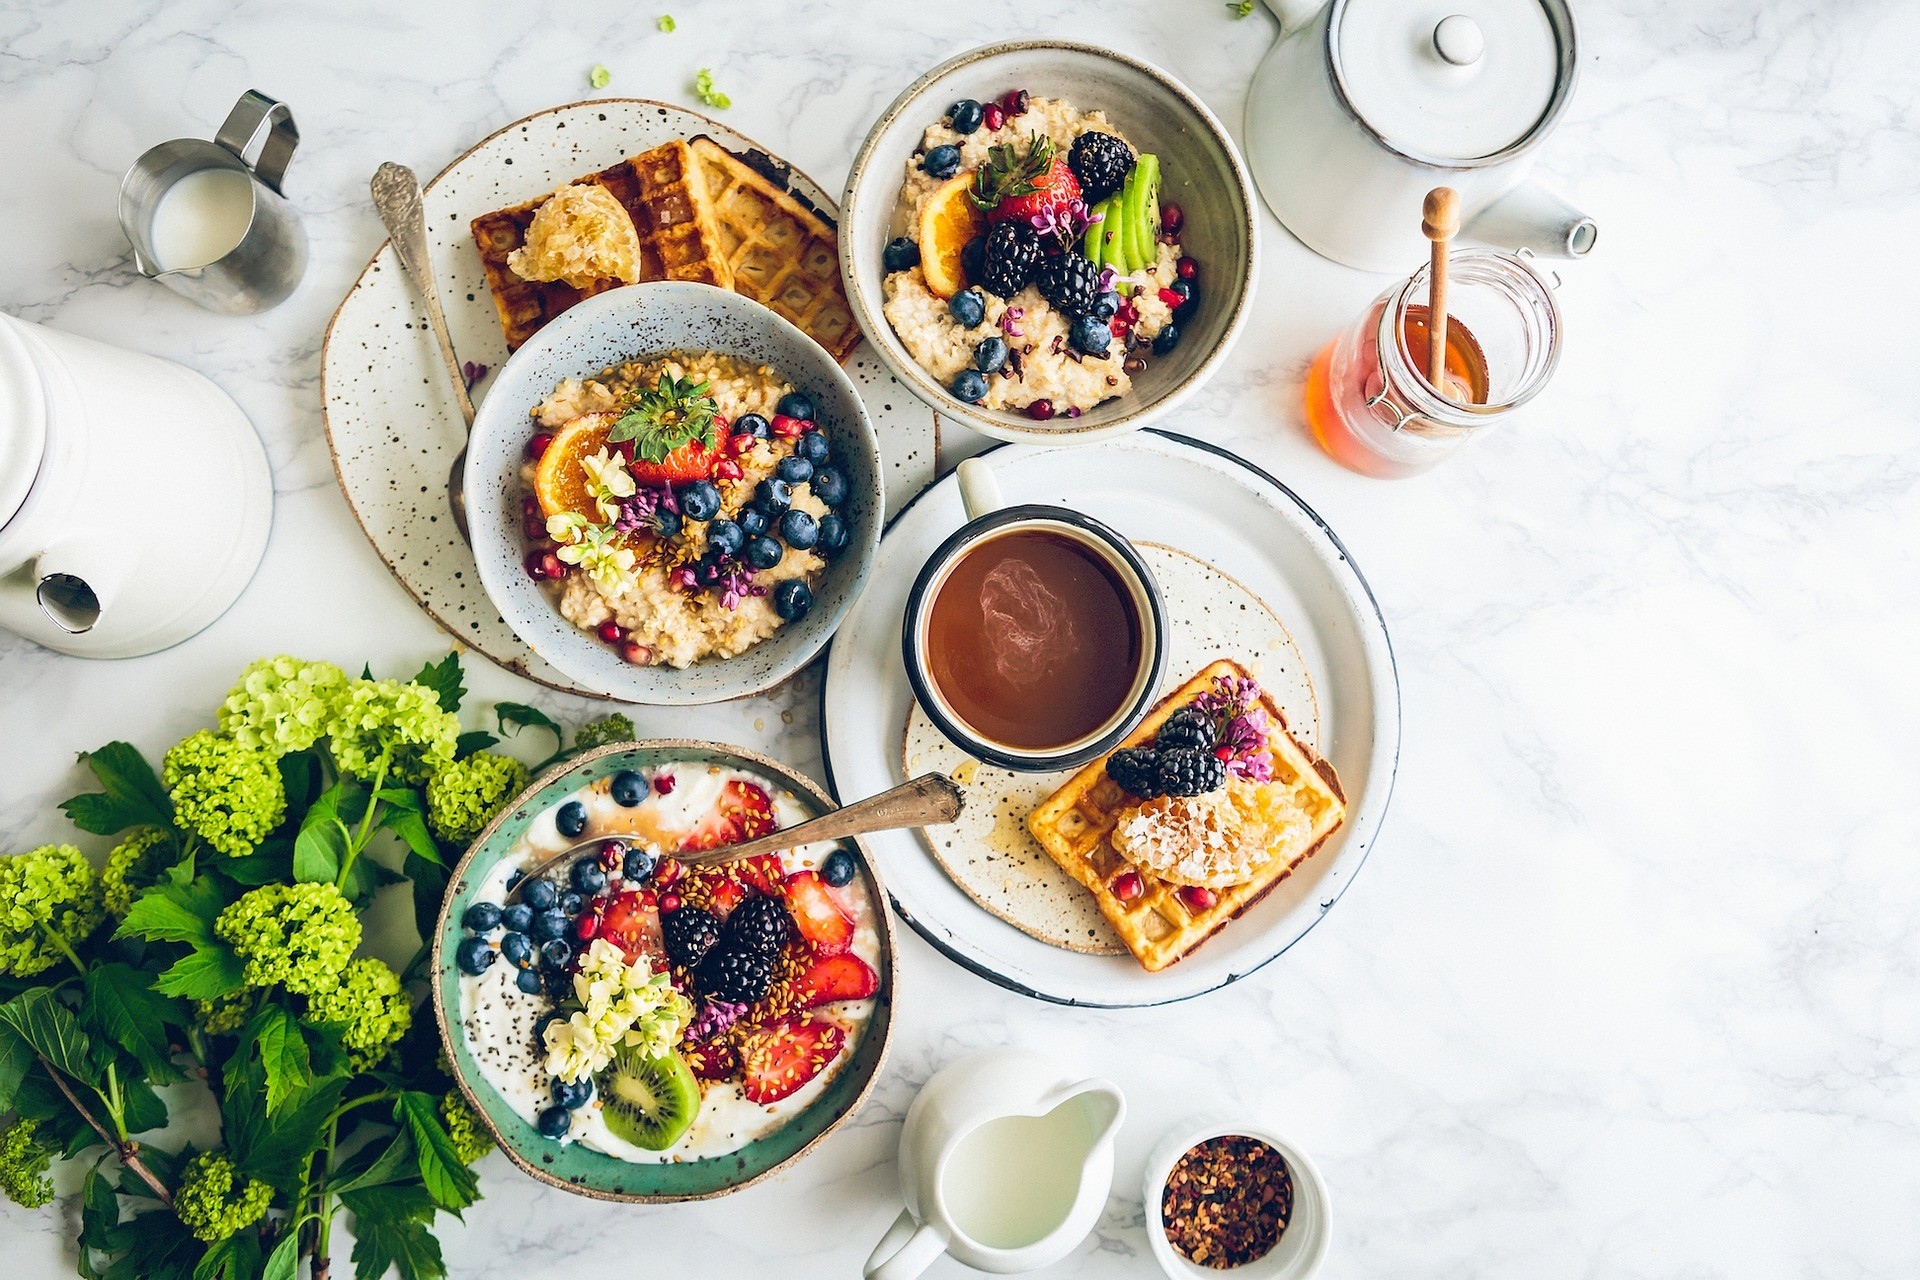 Ernährung mit Low Carb und Ketogen hilft der Gesundheit 7